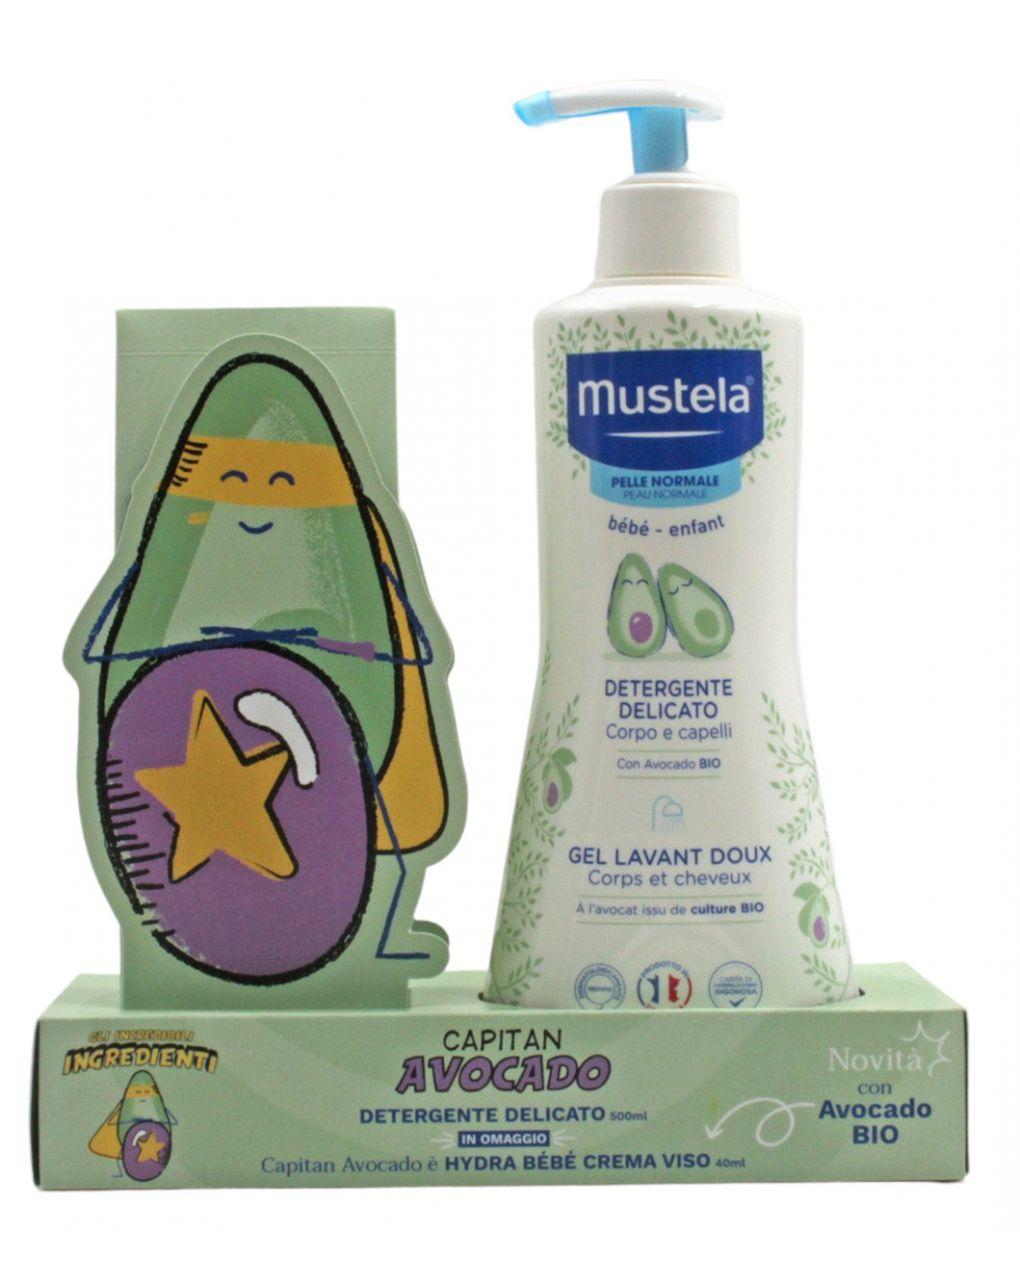 Capitan avocado: detergente delicato 500ml + hydra bebe' viso 40ml - Mustela